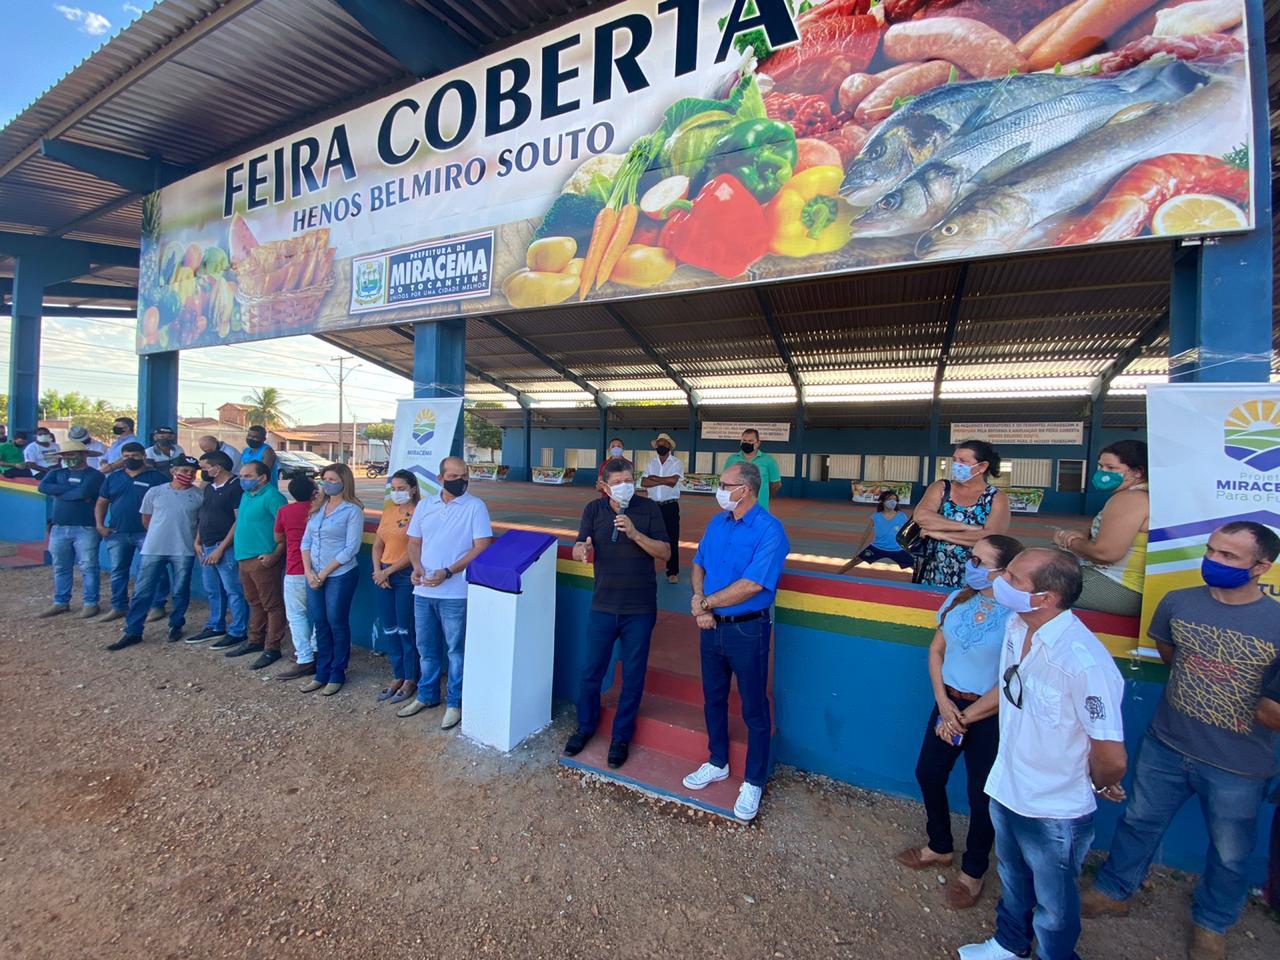 Prefeito de Miracema entrega reforma da Feira Coberta da cidade alta, Henos Belmiro Souto